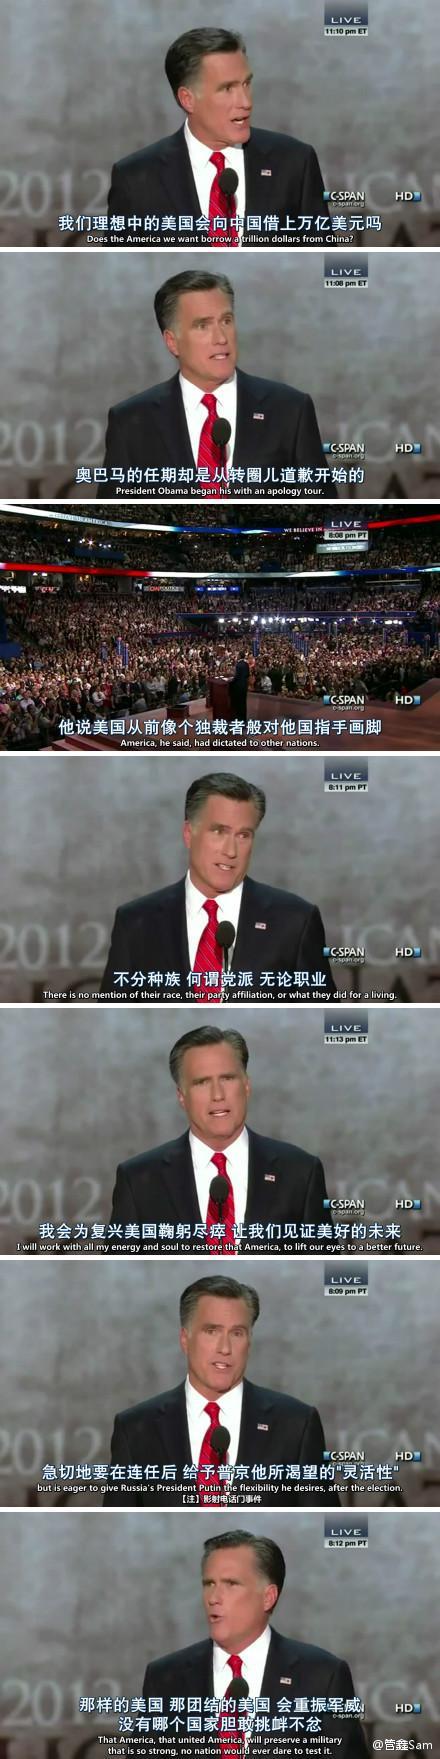 共和党全国大会 RNC 2012.08.31 Mitt Romney接受候选提名演说高潮部分。